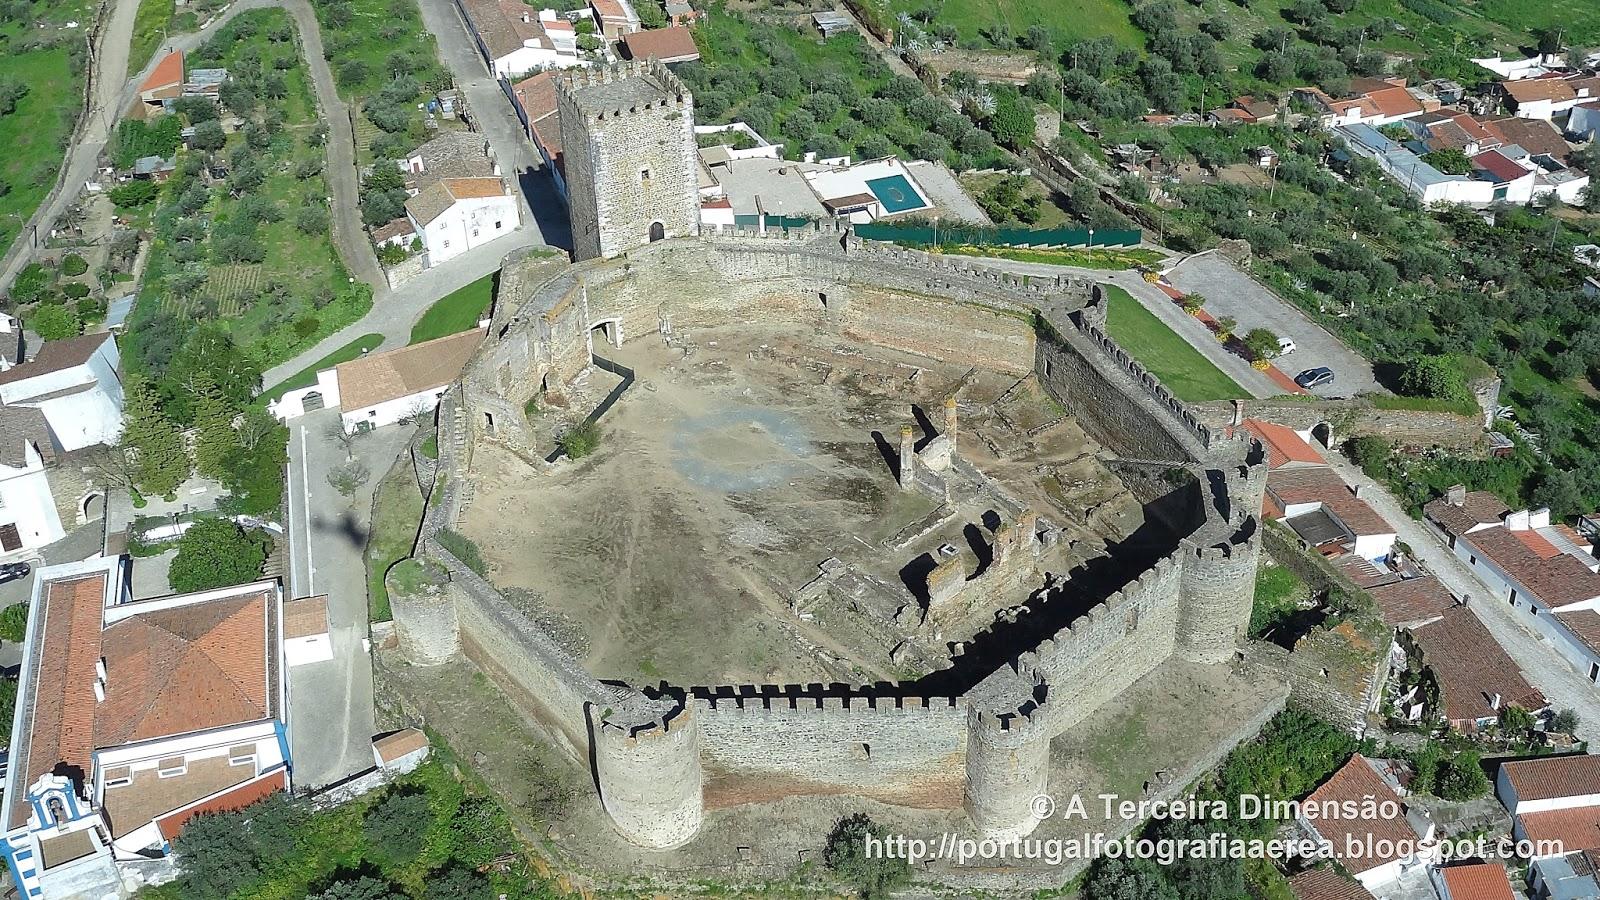 A Terceira Dimensão: Castelo de Portel